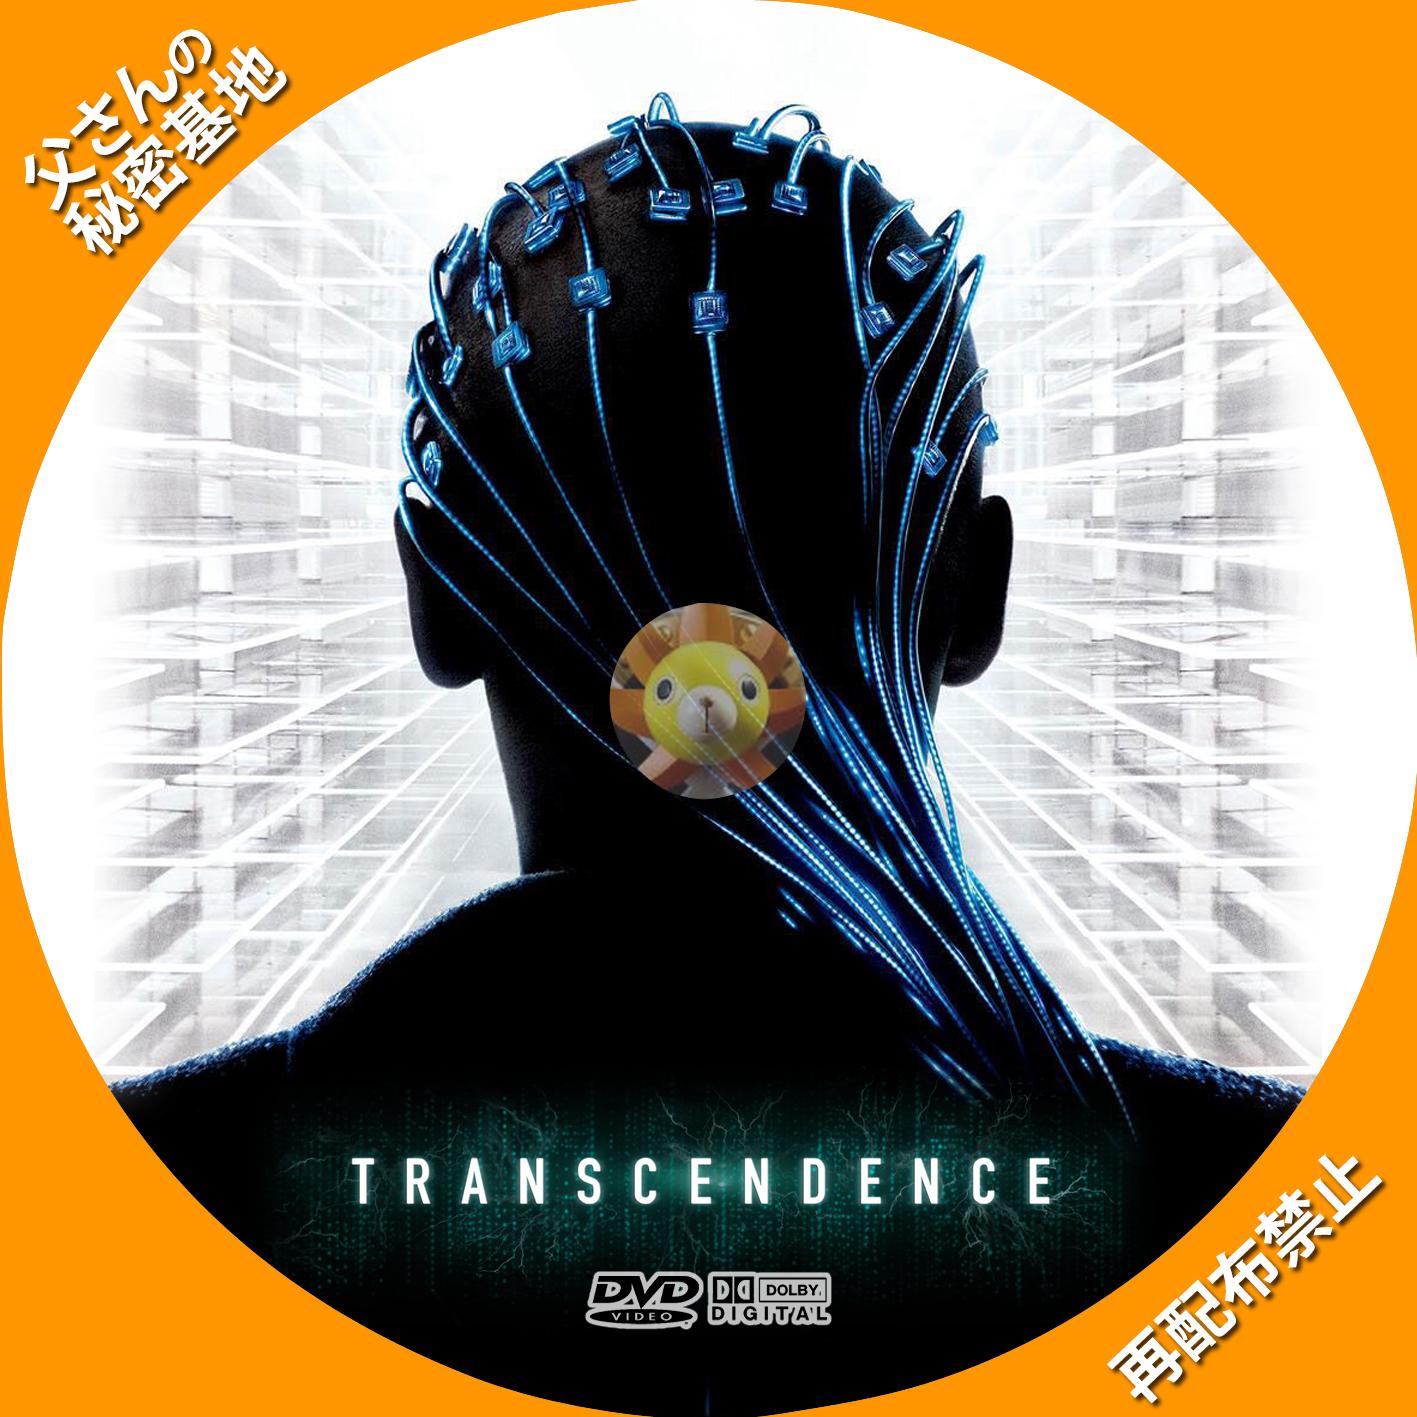 transcendence_DVD01.jpg